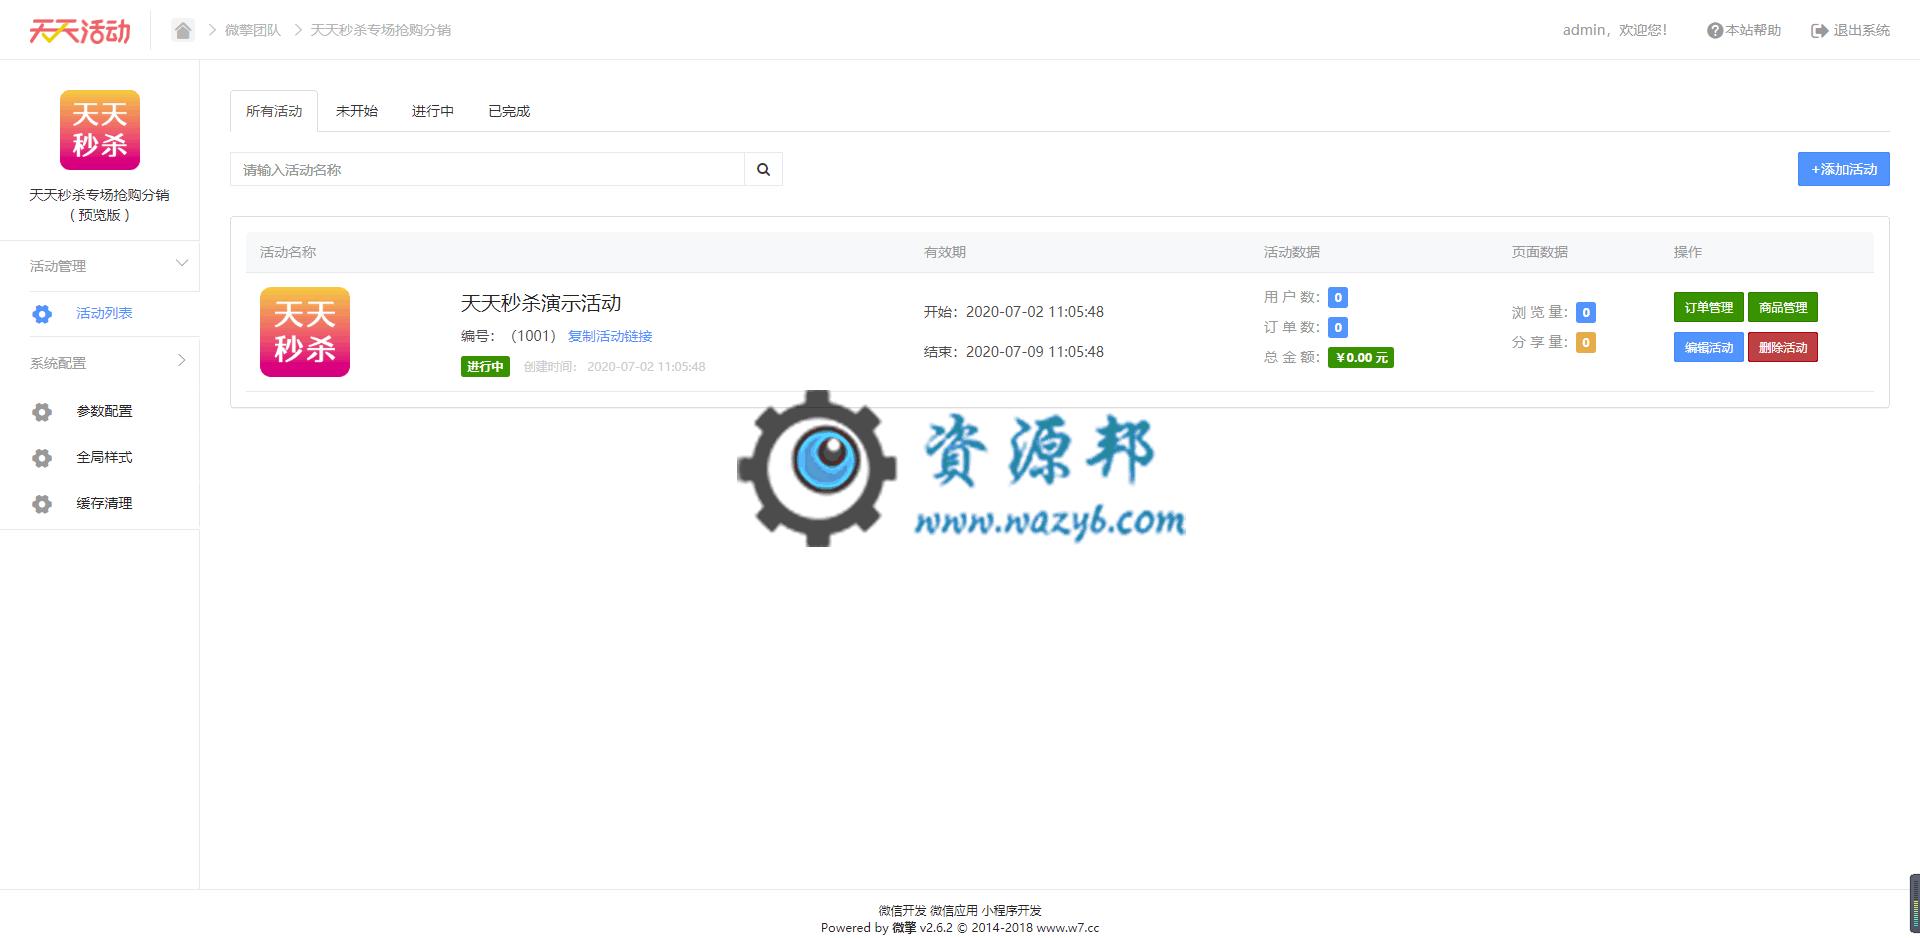 【公众号应用】天天秒杀专场抢购分销V1.0.7安装包,修复订单页面分页样式问题 公众号应用 第2张